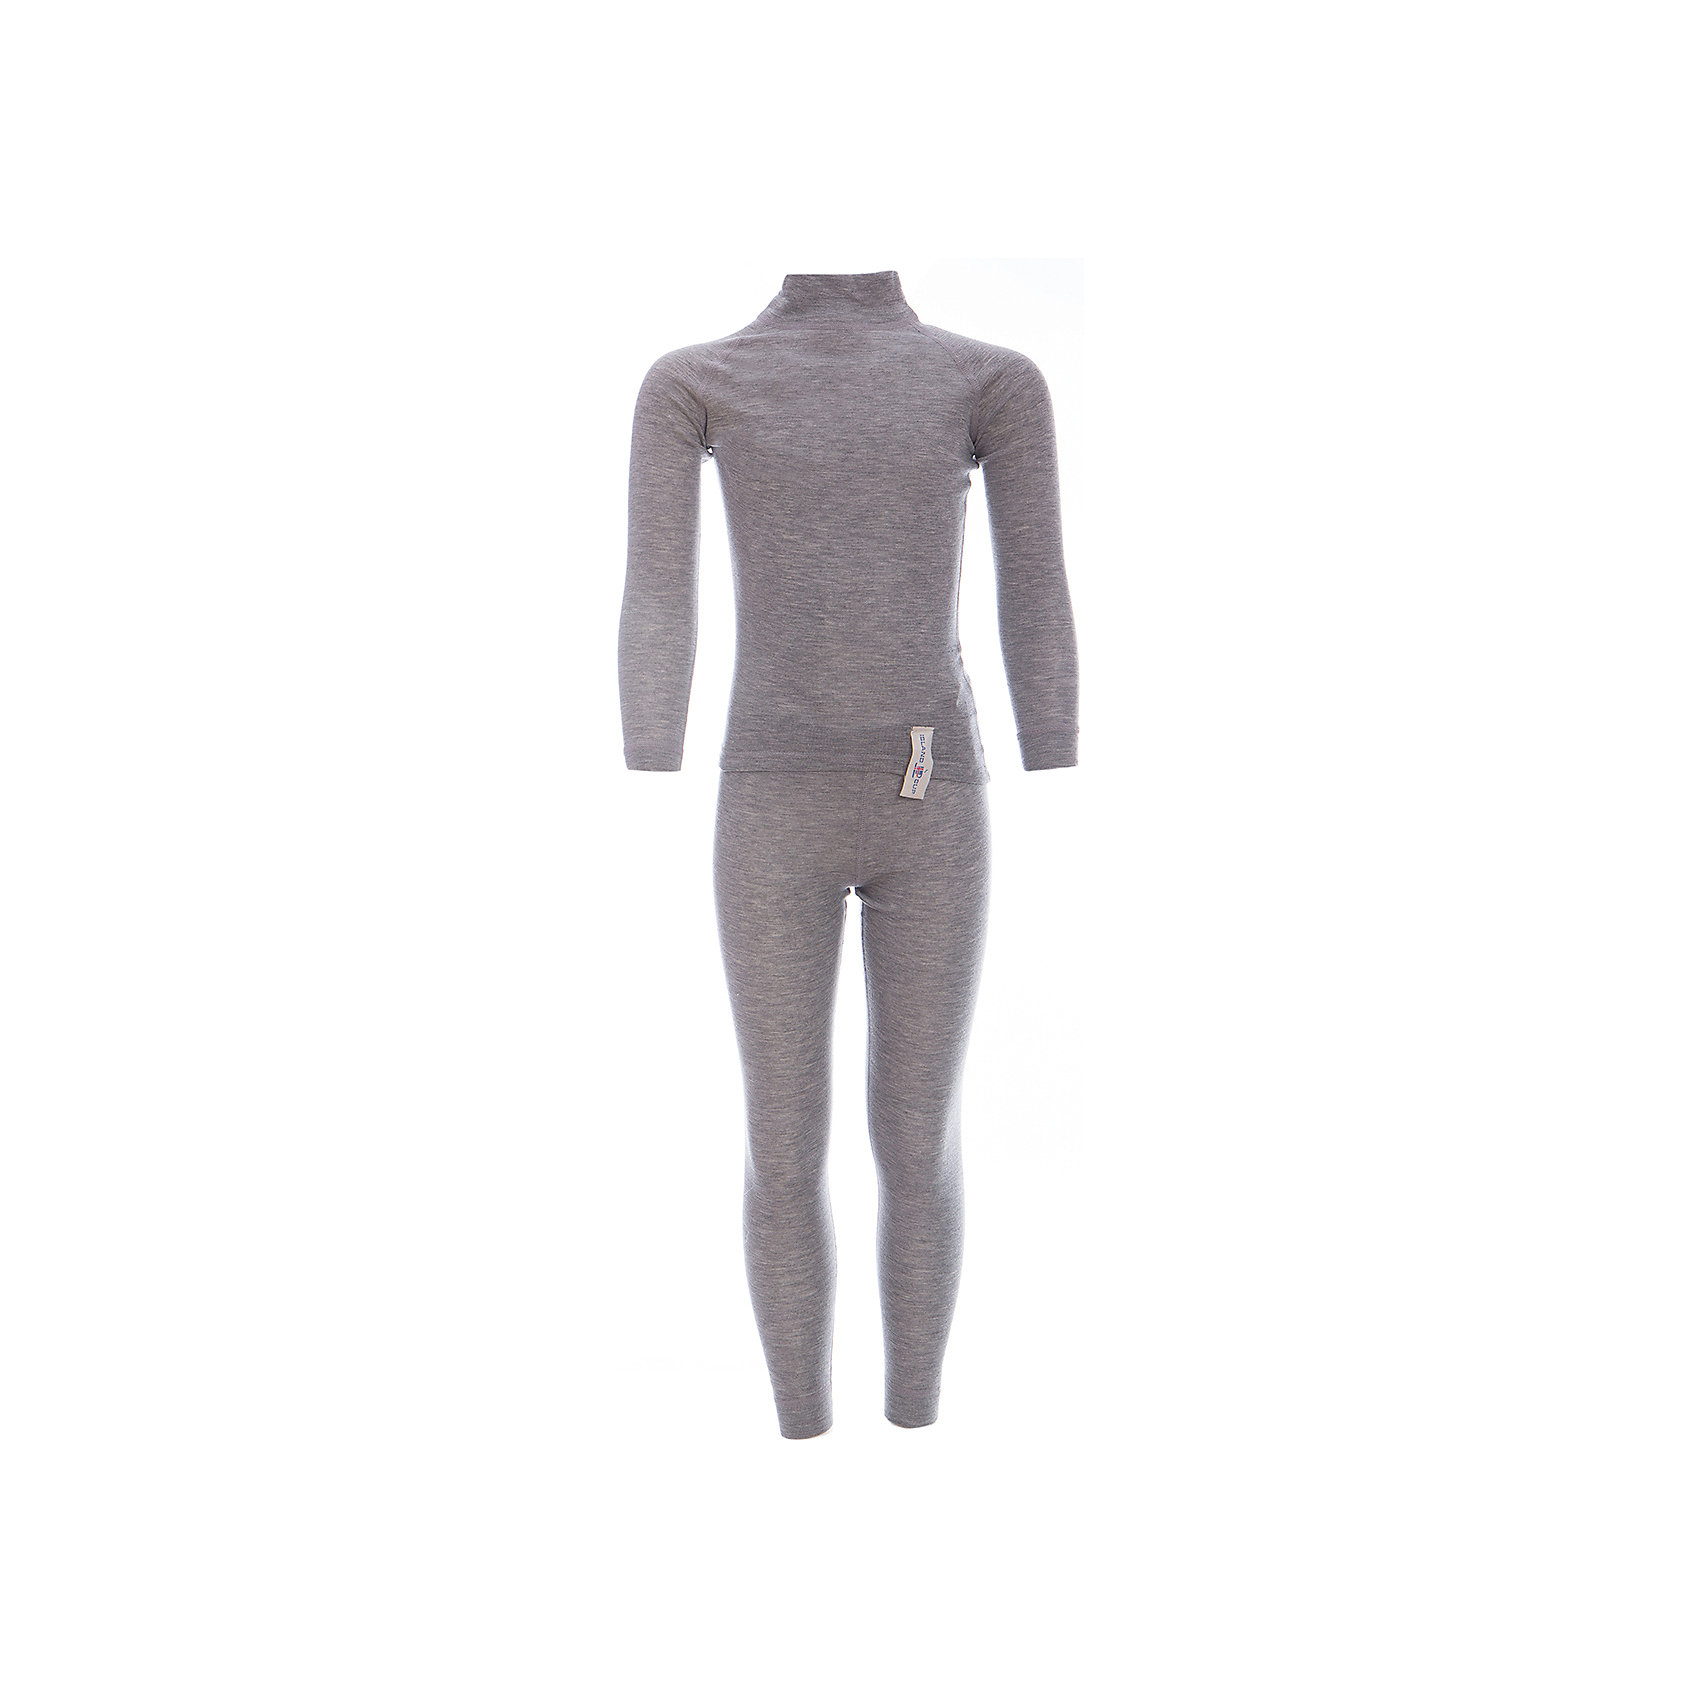 Island Cup Комплект: футболка с длинным рукавом и брюки для мальчика Island Cup велосипедные перчатки mai senlan m81013